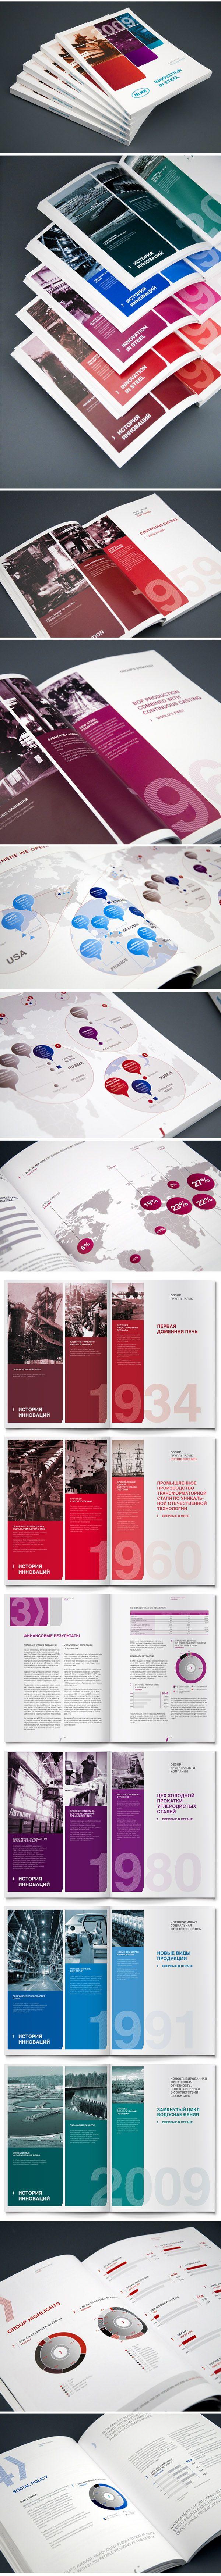 Annual Report NLMK #editorial #graphic #design